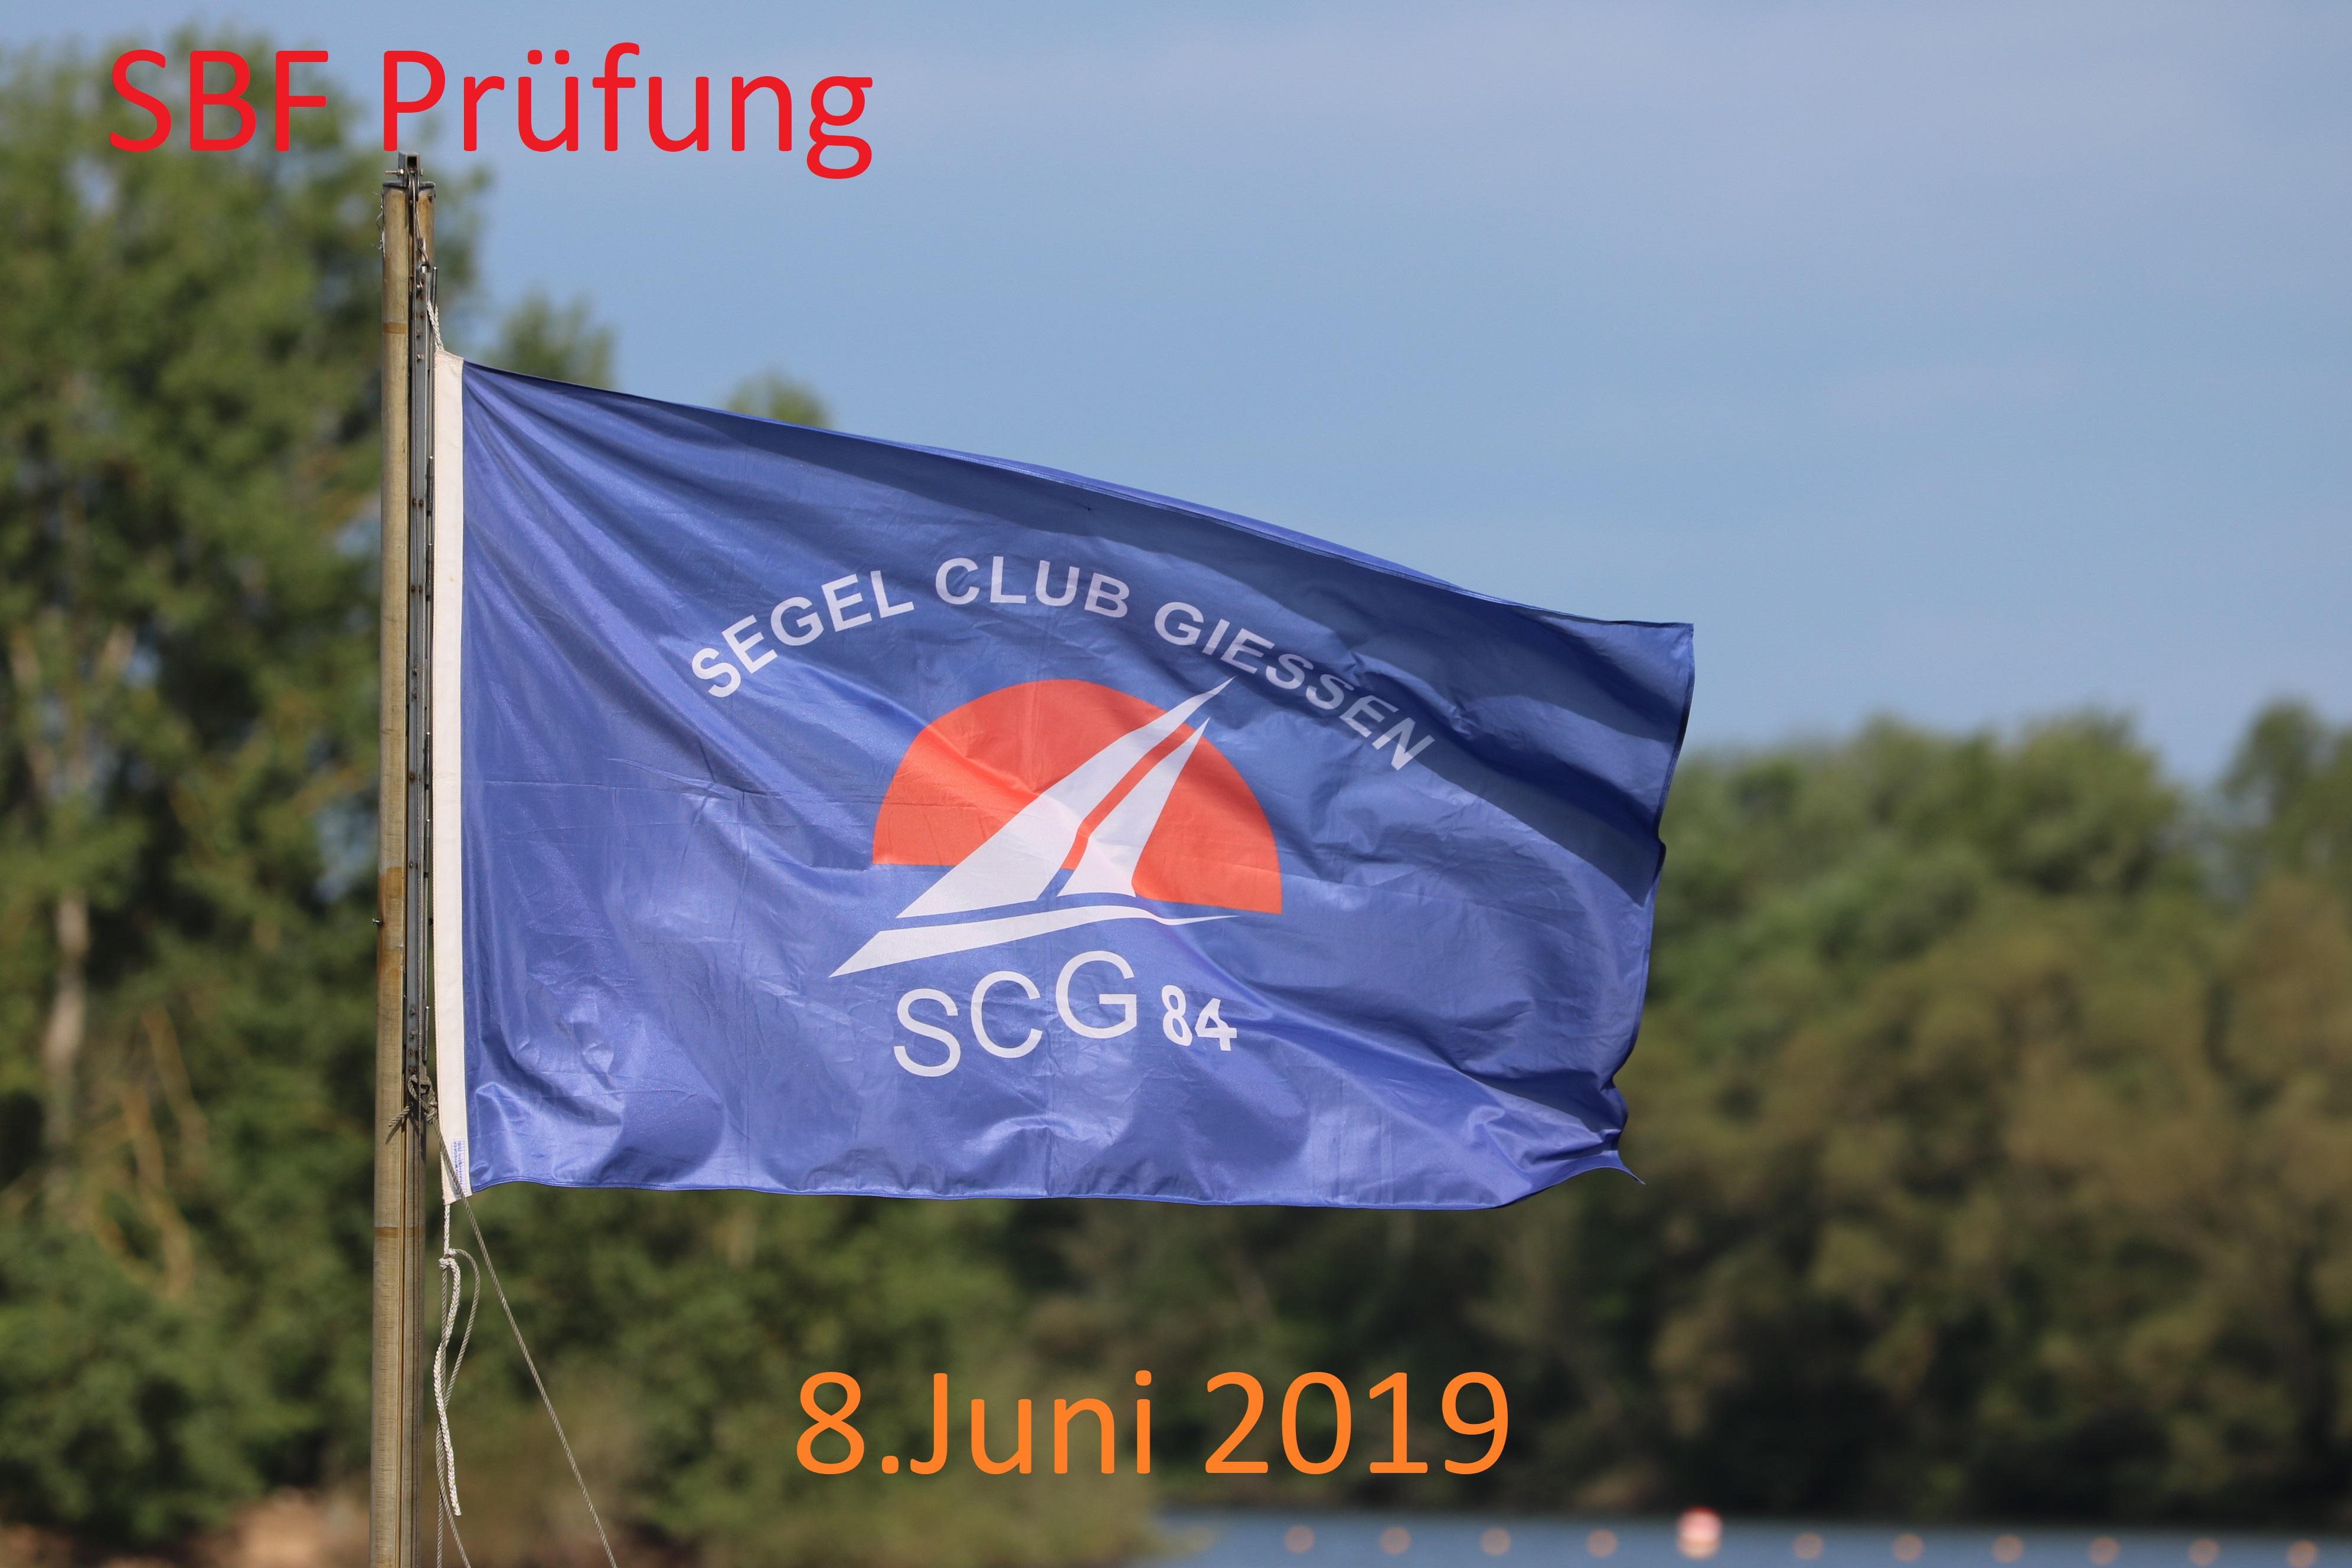 2019-06-08 SBF Prüfung (0).jpg